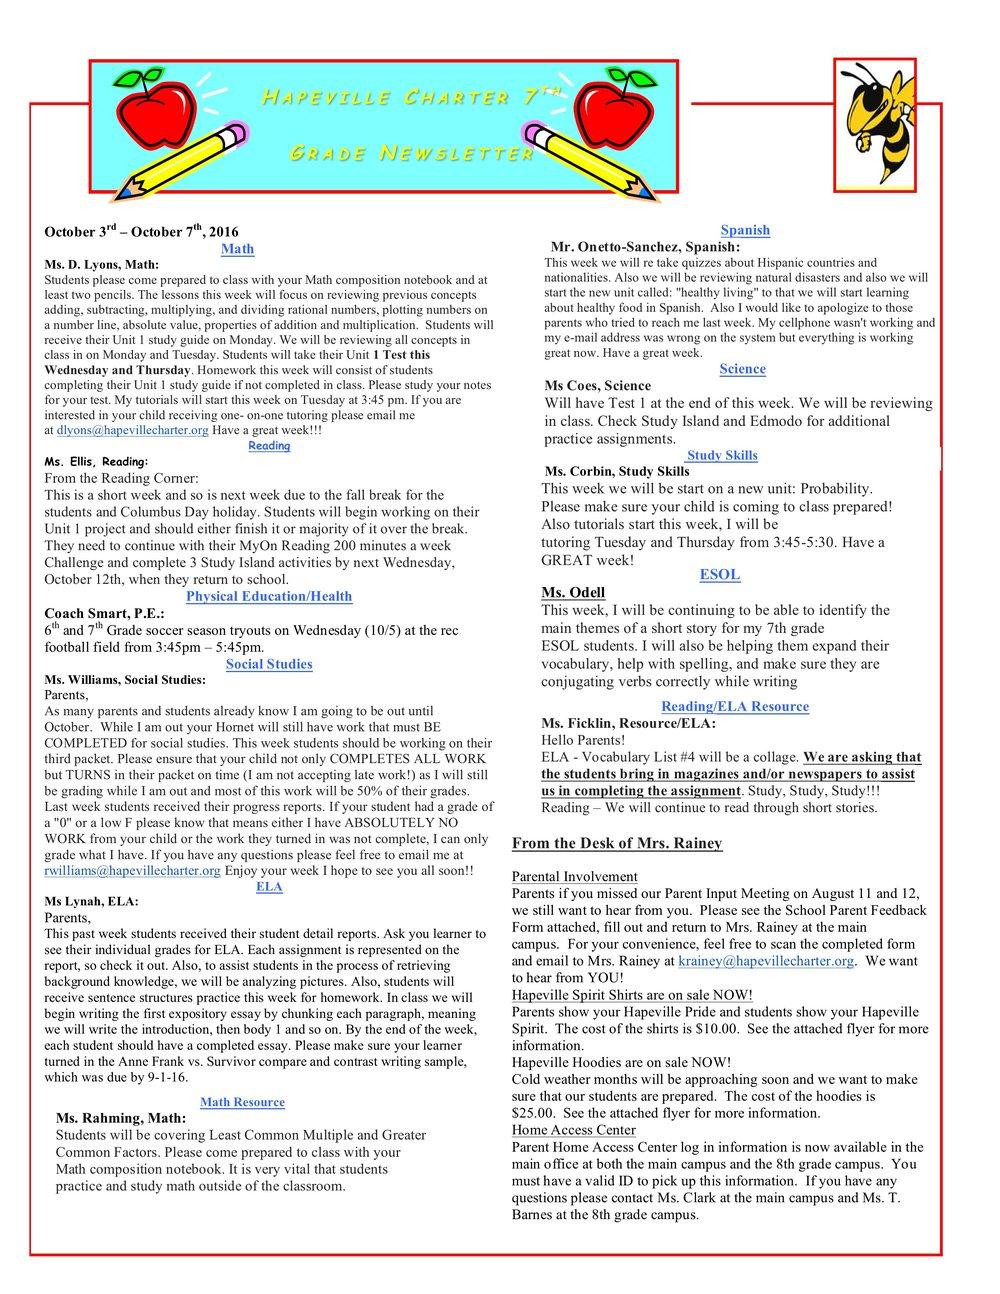 Newsletter Image7th Grade Newsletter 10.3.2016 .jpeg